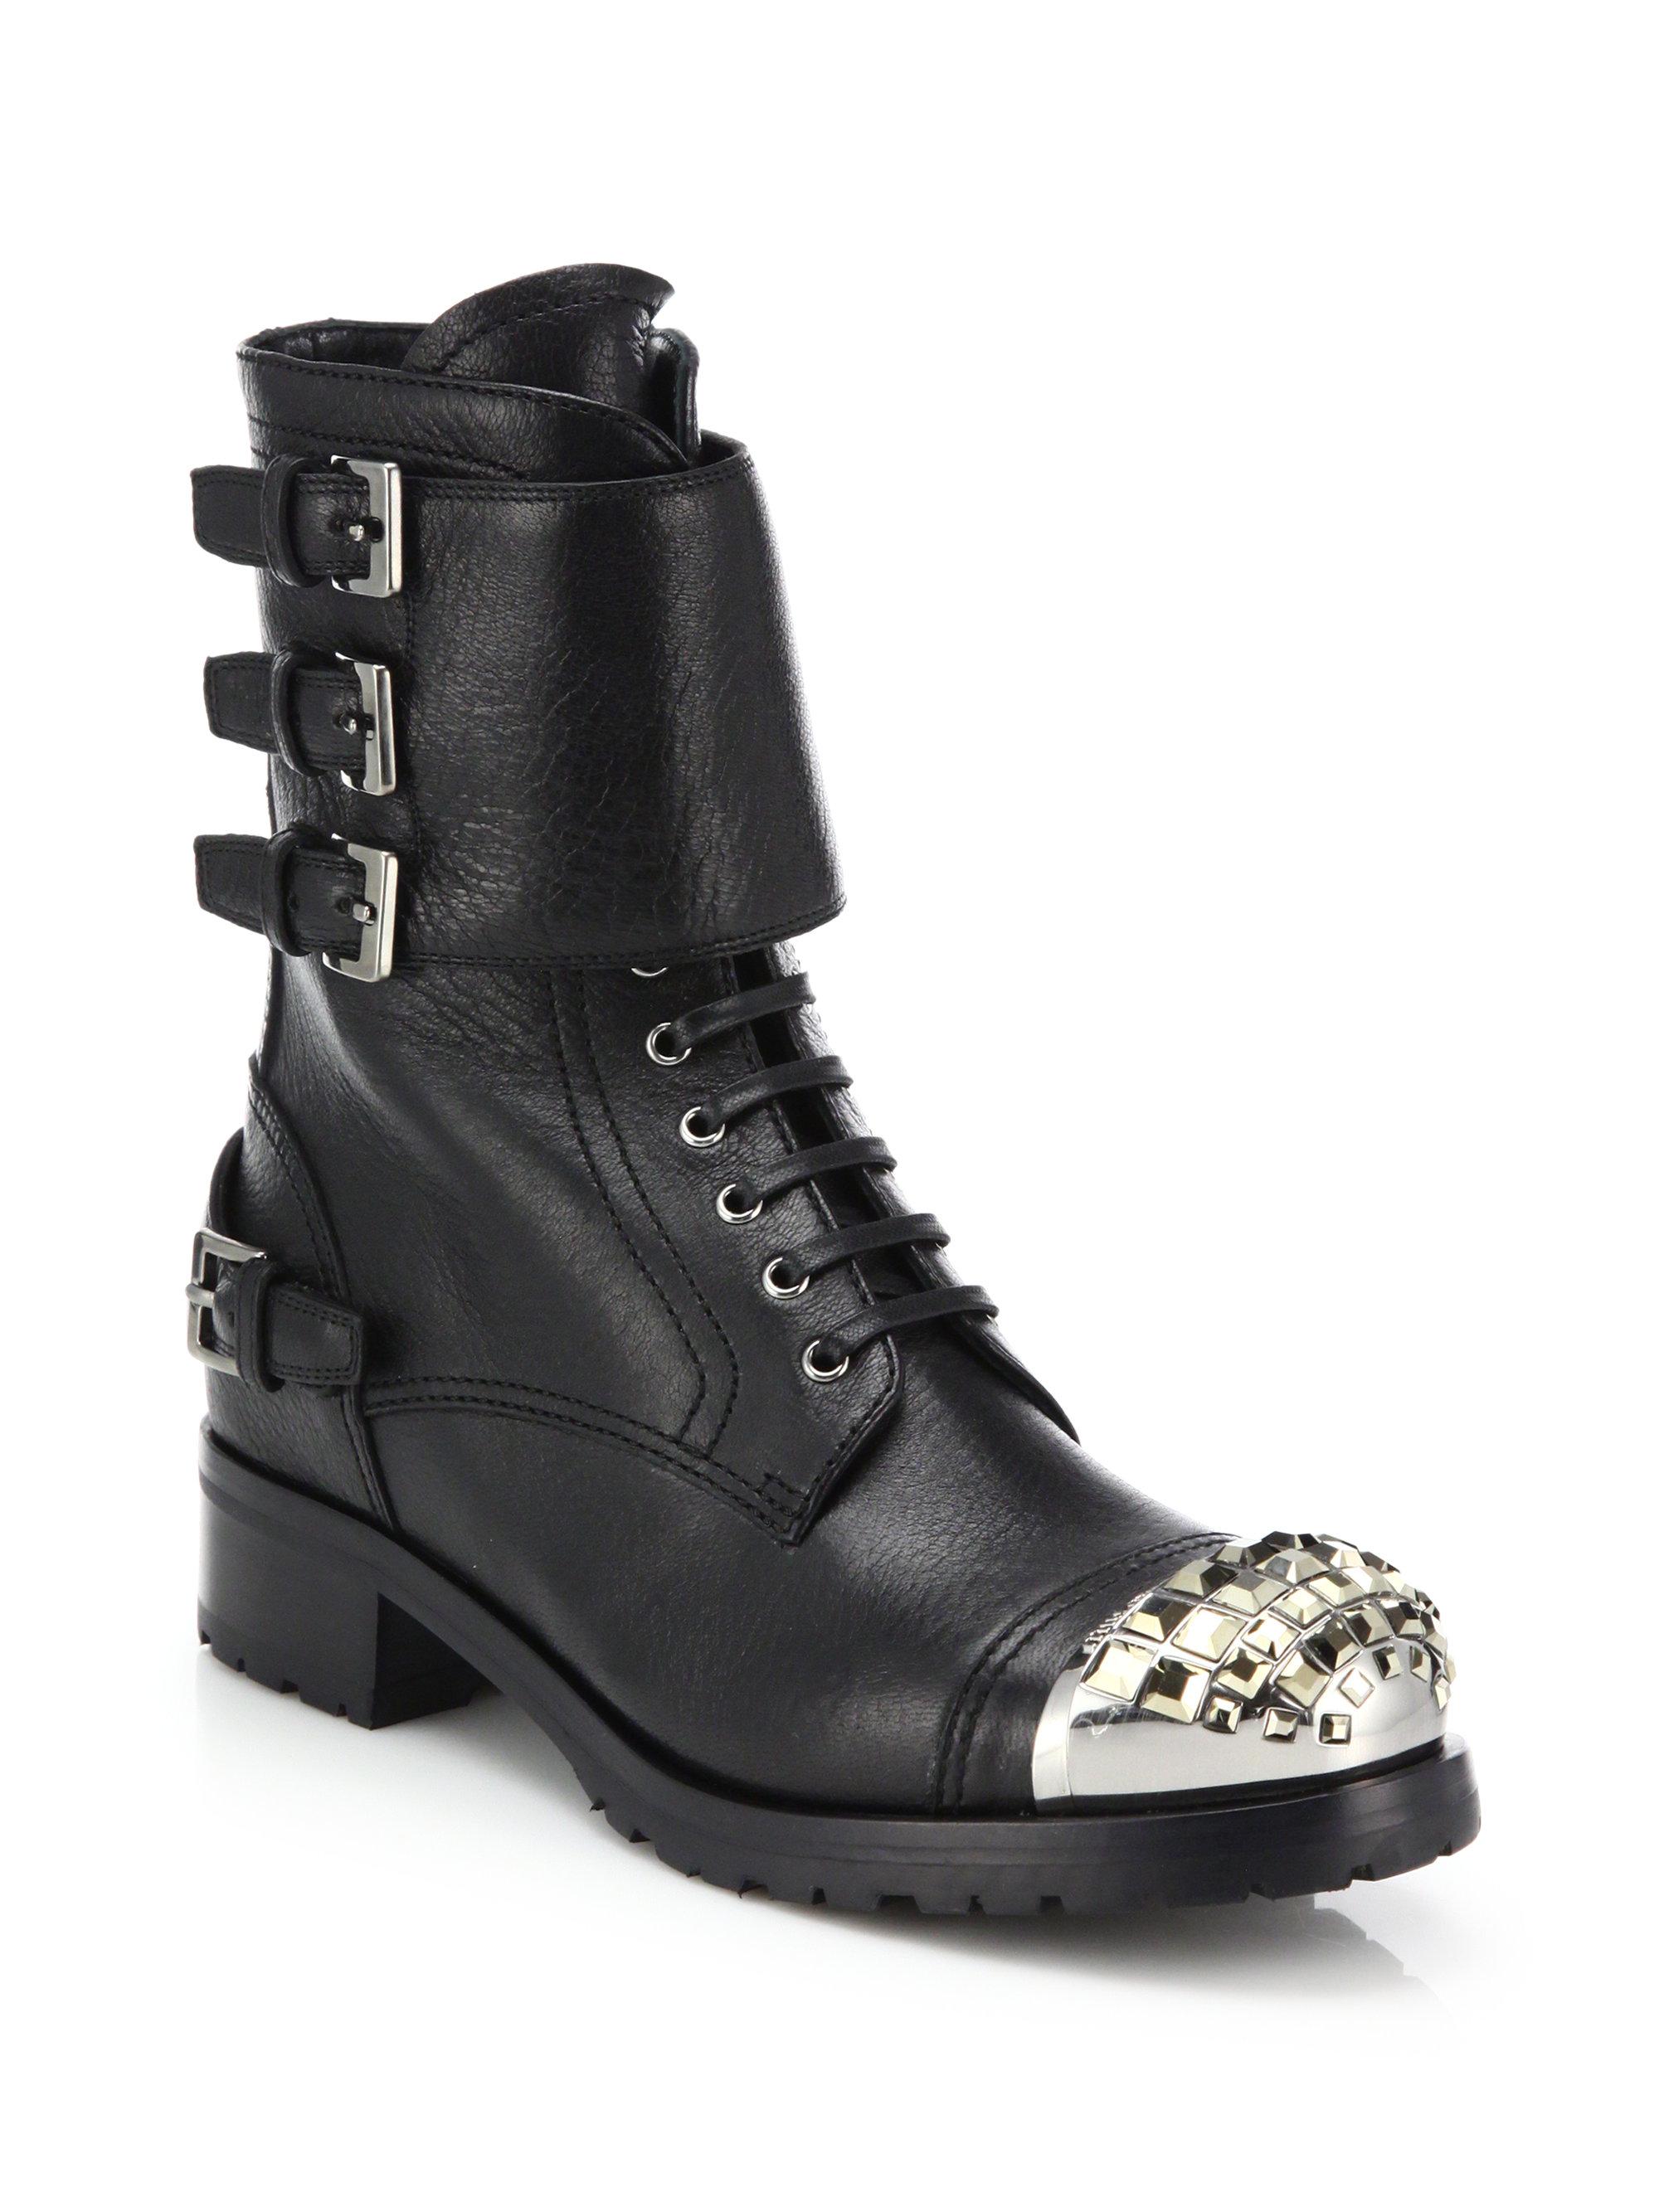 Miu Miu Leather Jewel Toe Combat Boots In Black Lyst